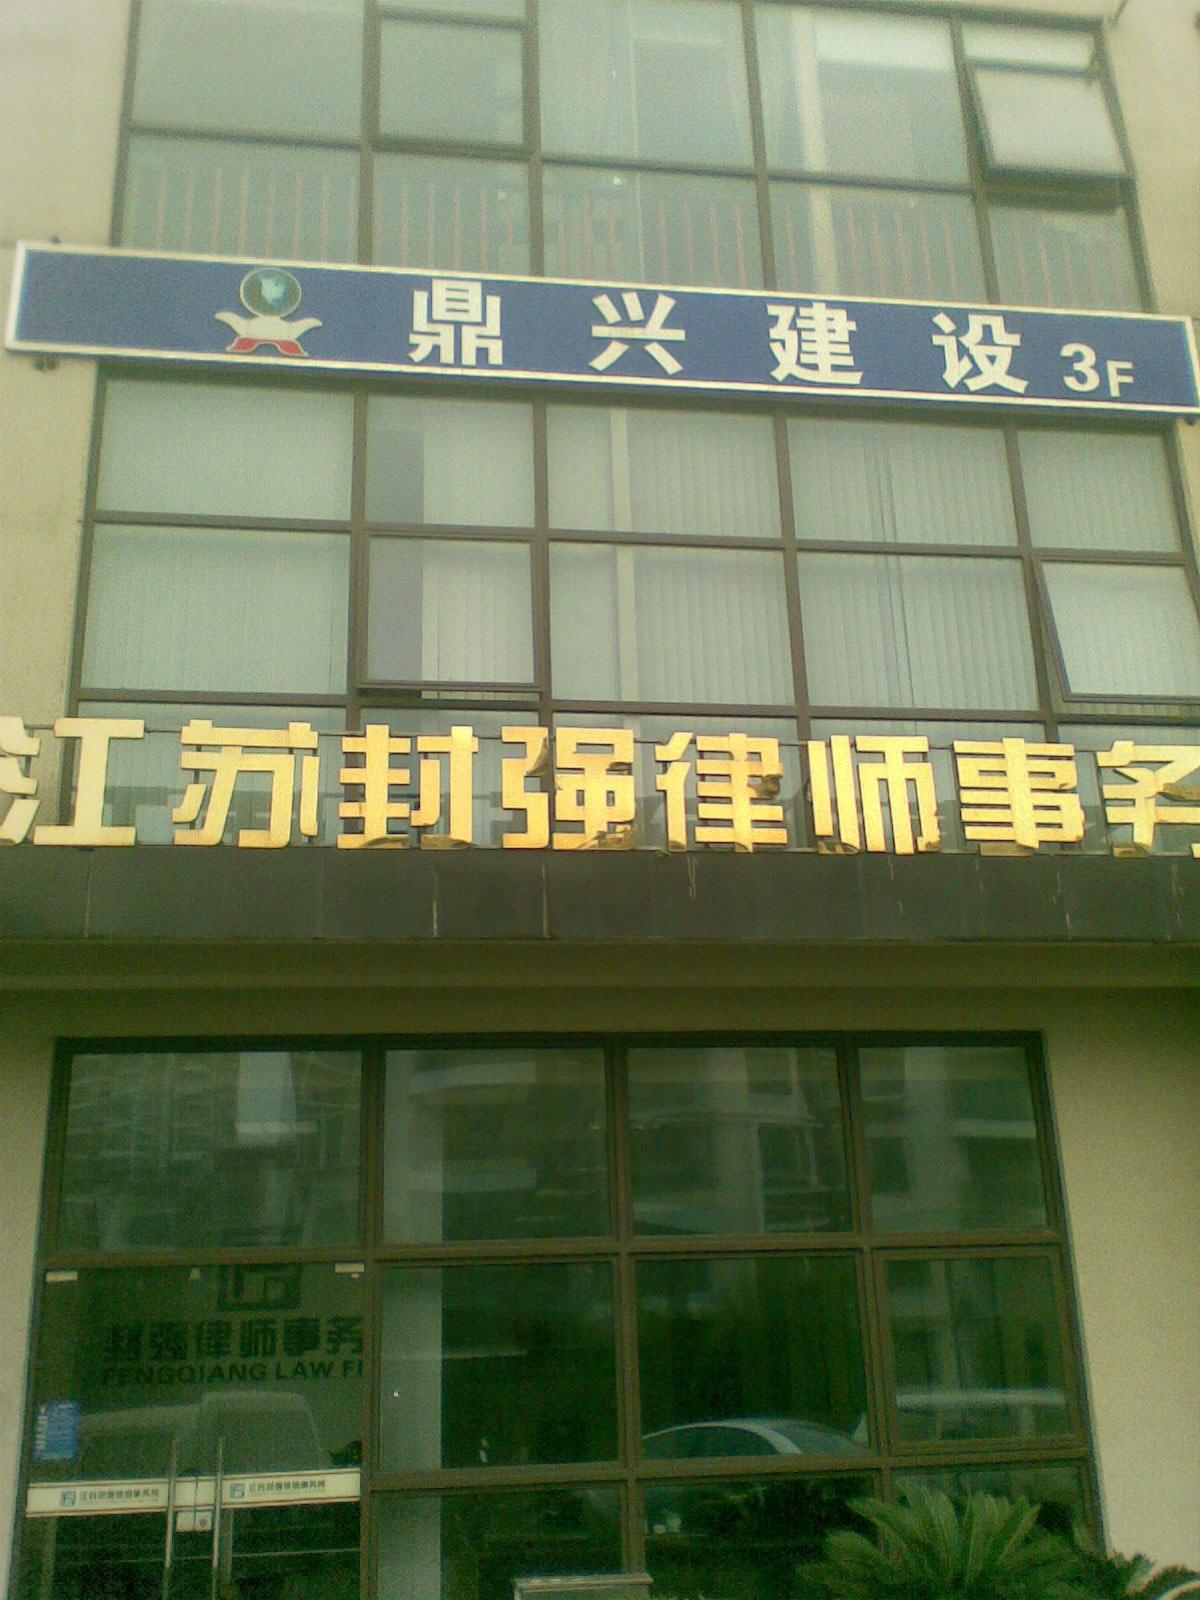 江苏封强律师事务所